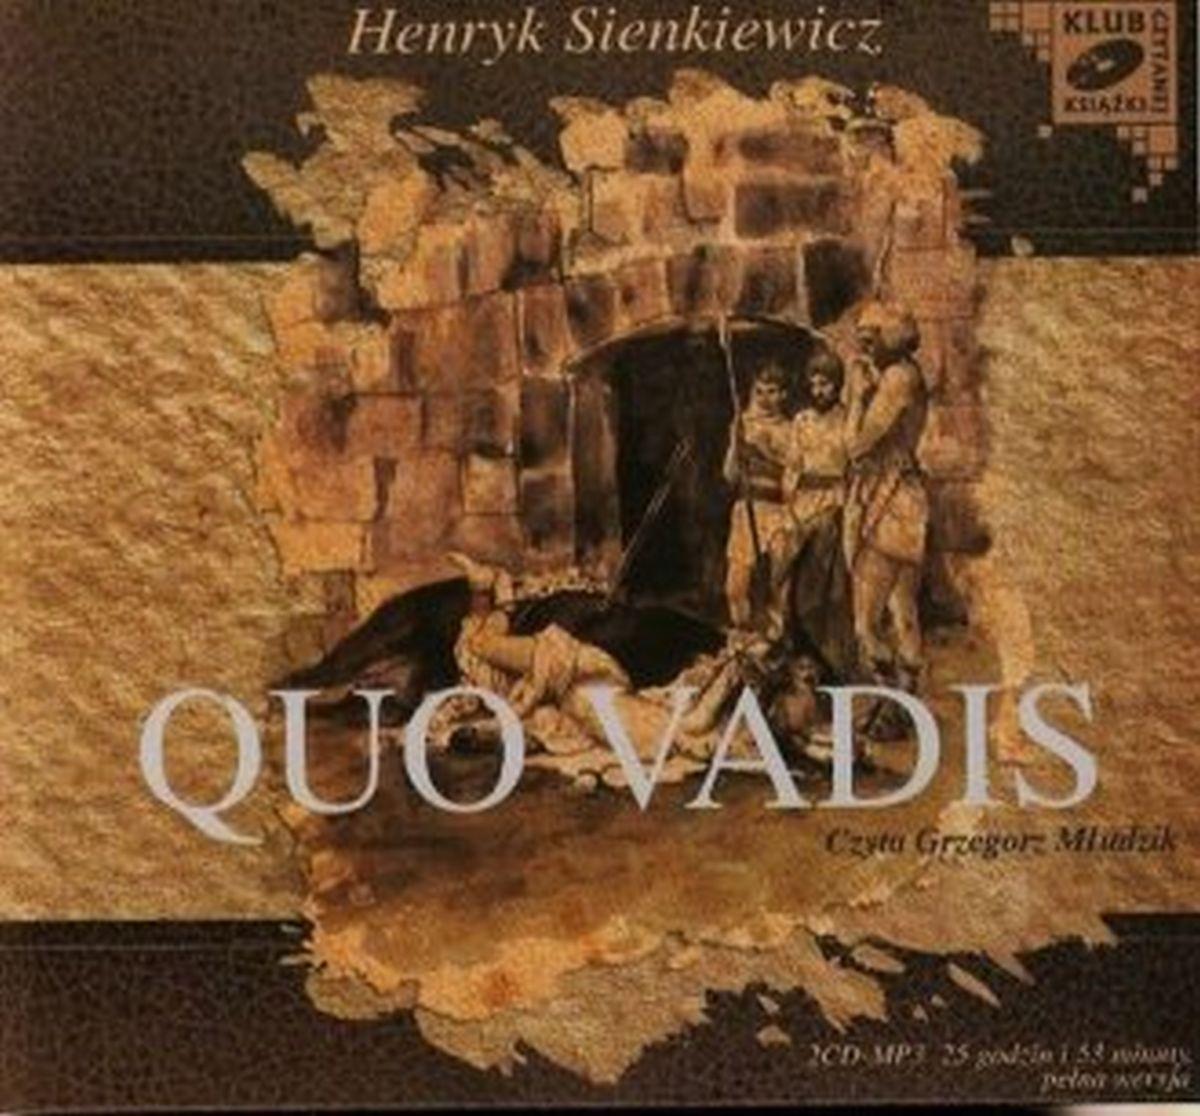 Quo vadis (audiobook)